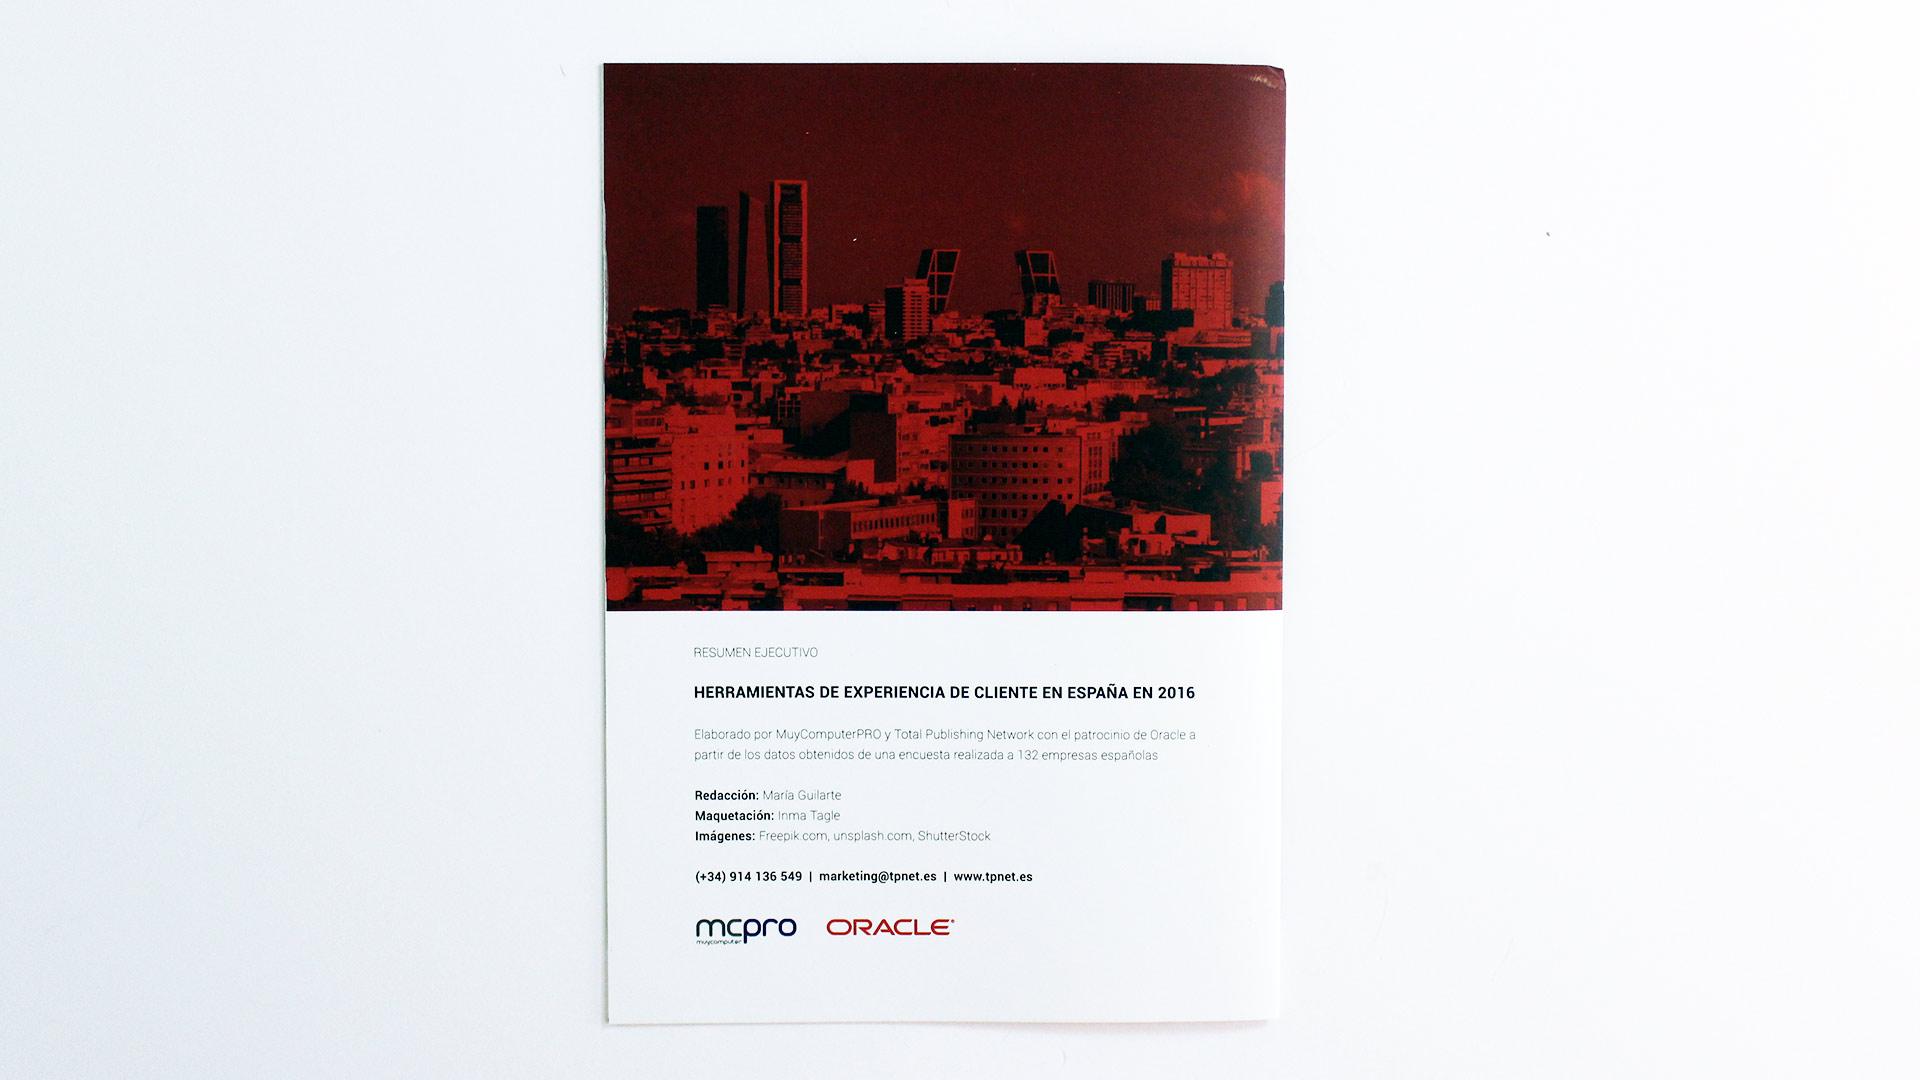 oracle-informe-ebook-content-marketing-evento-herramientas-experiencia-clienye-2016-02